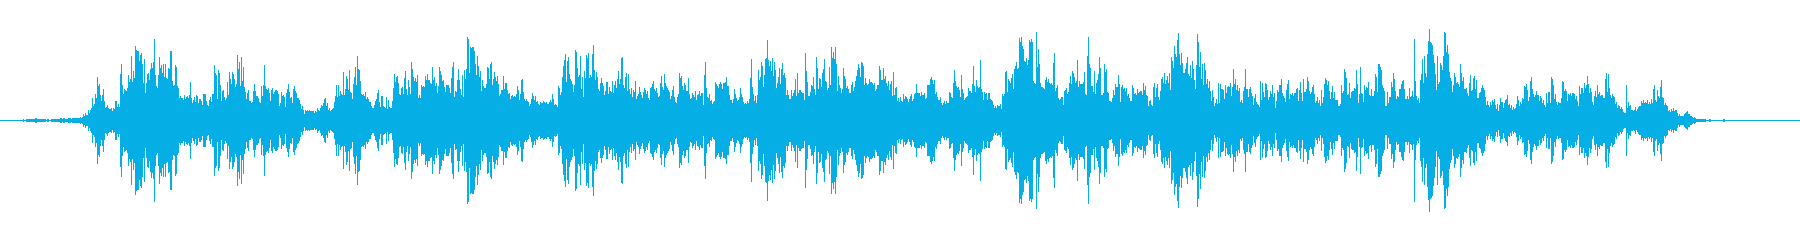 数枚のコインが落ちる音:長めの再生済みの波形